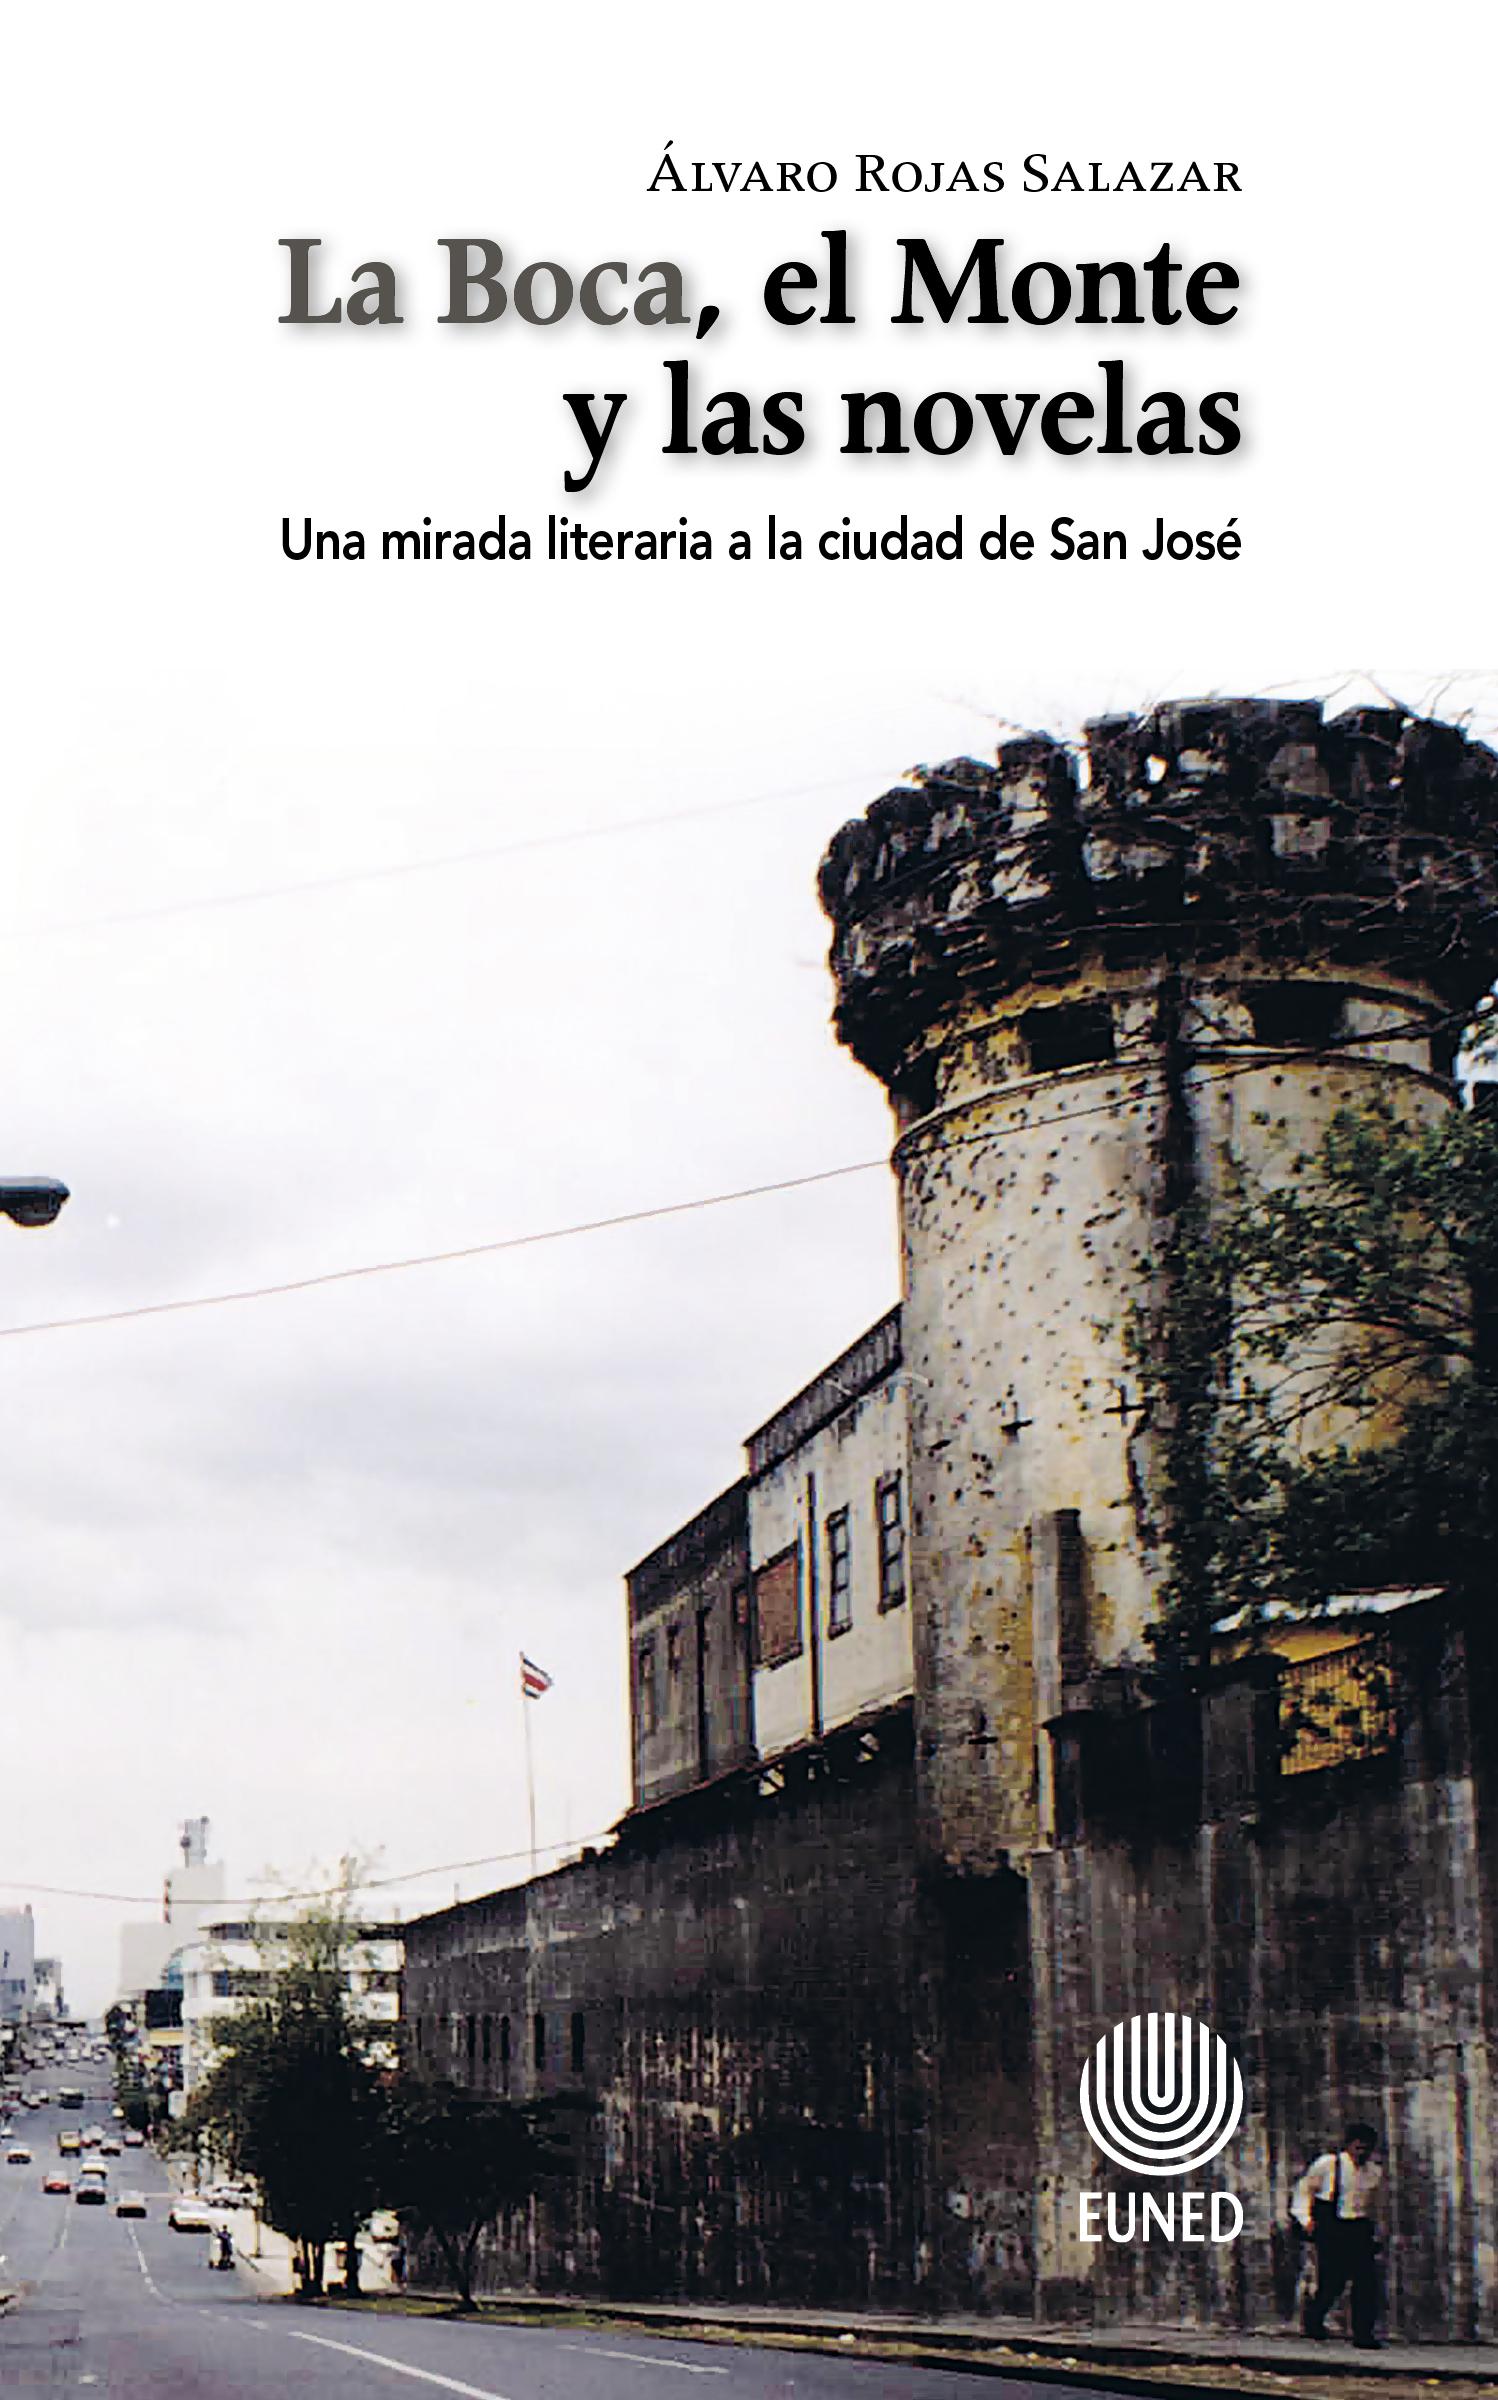 La Boca, el Monte y las novelas